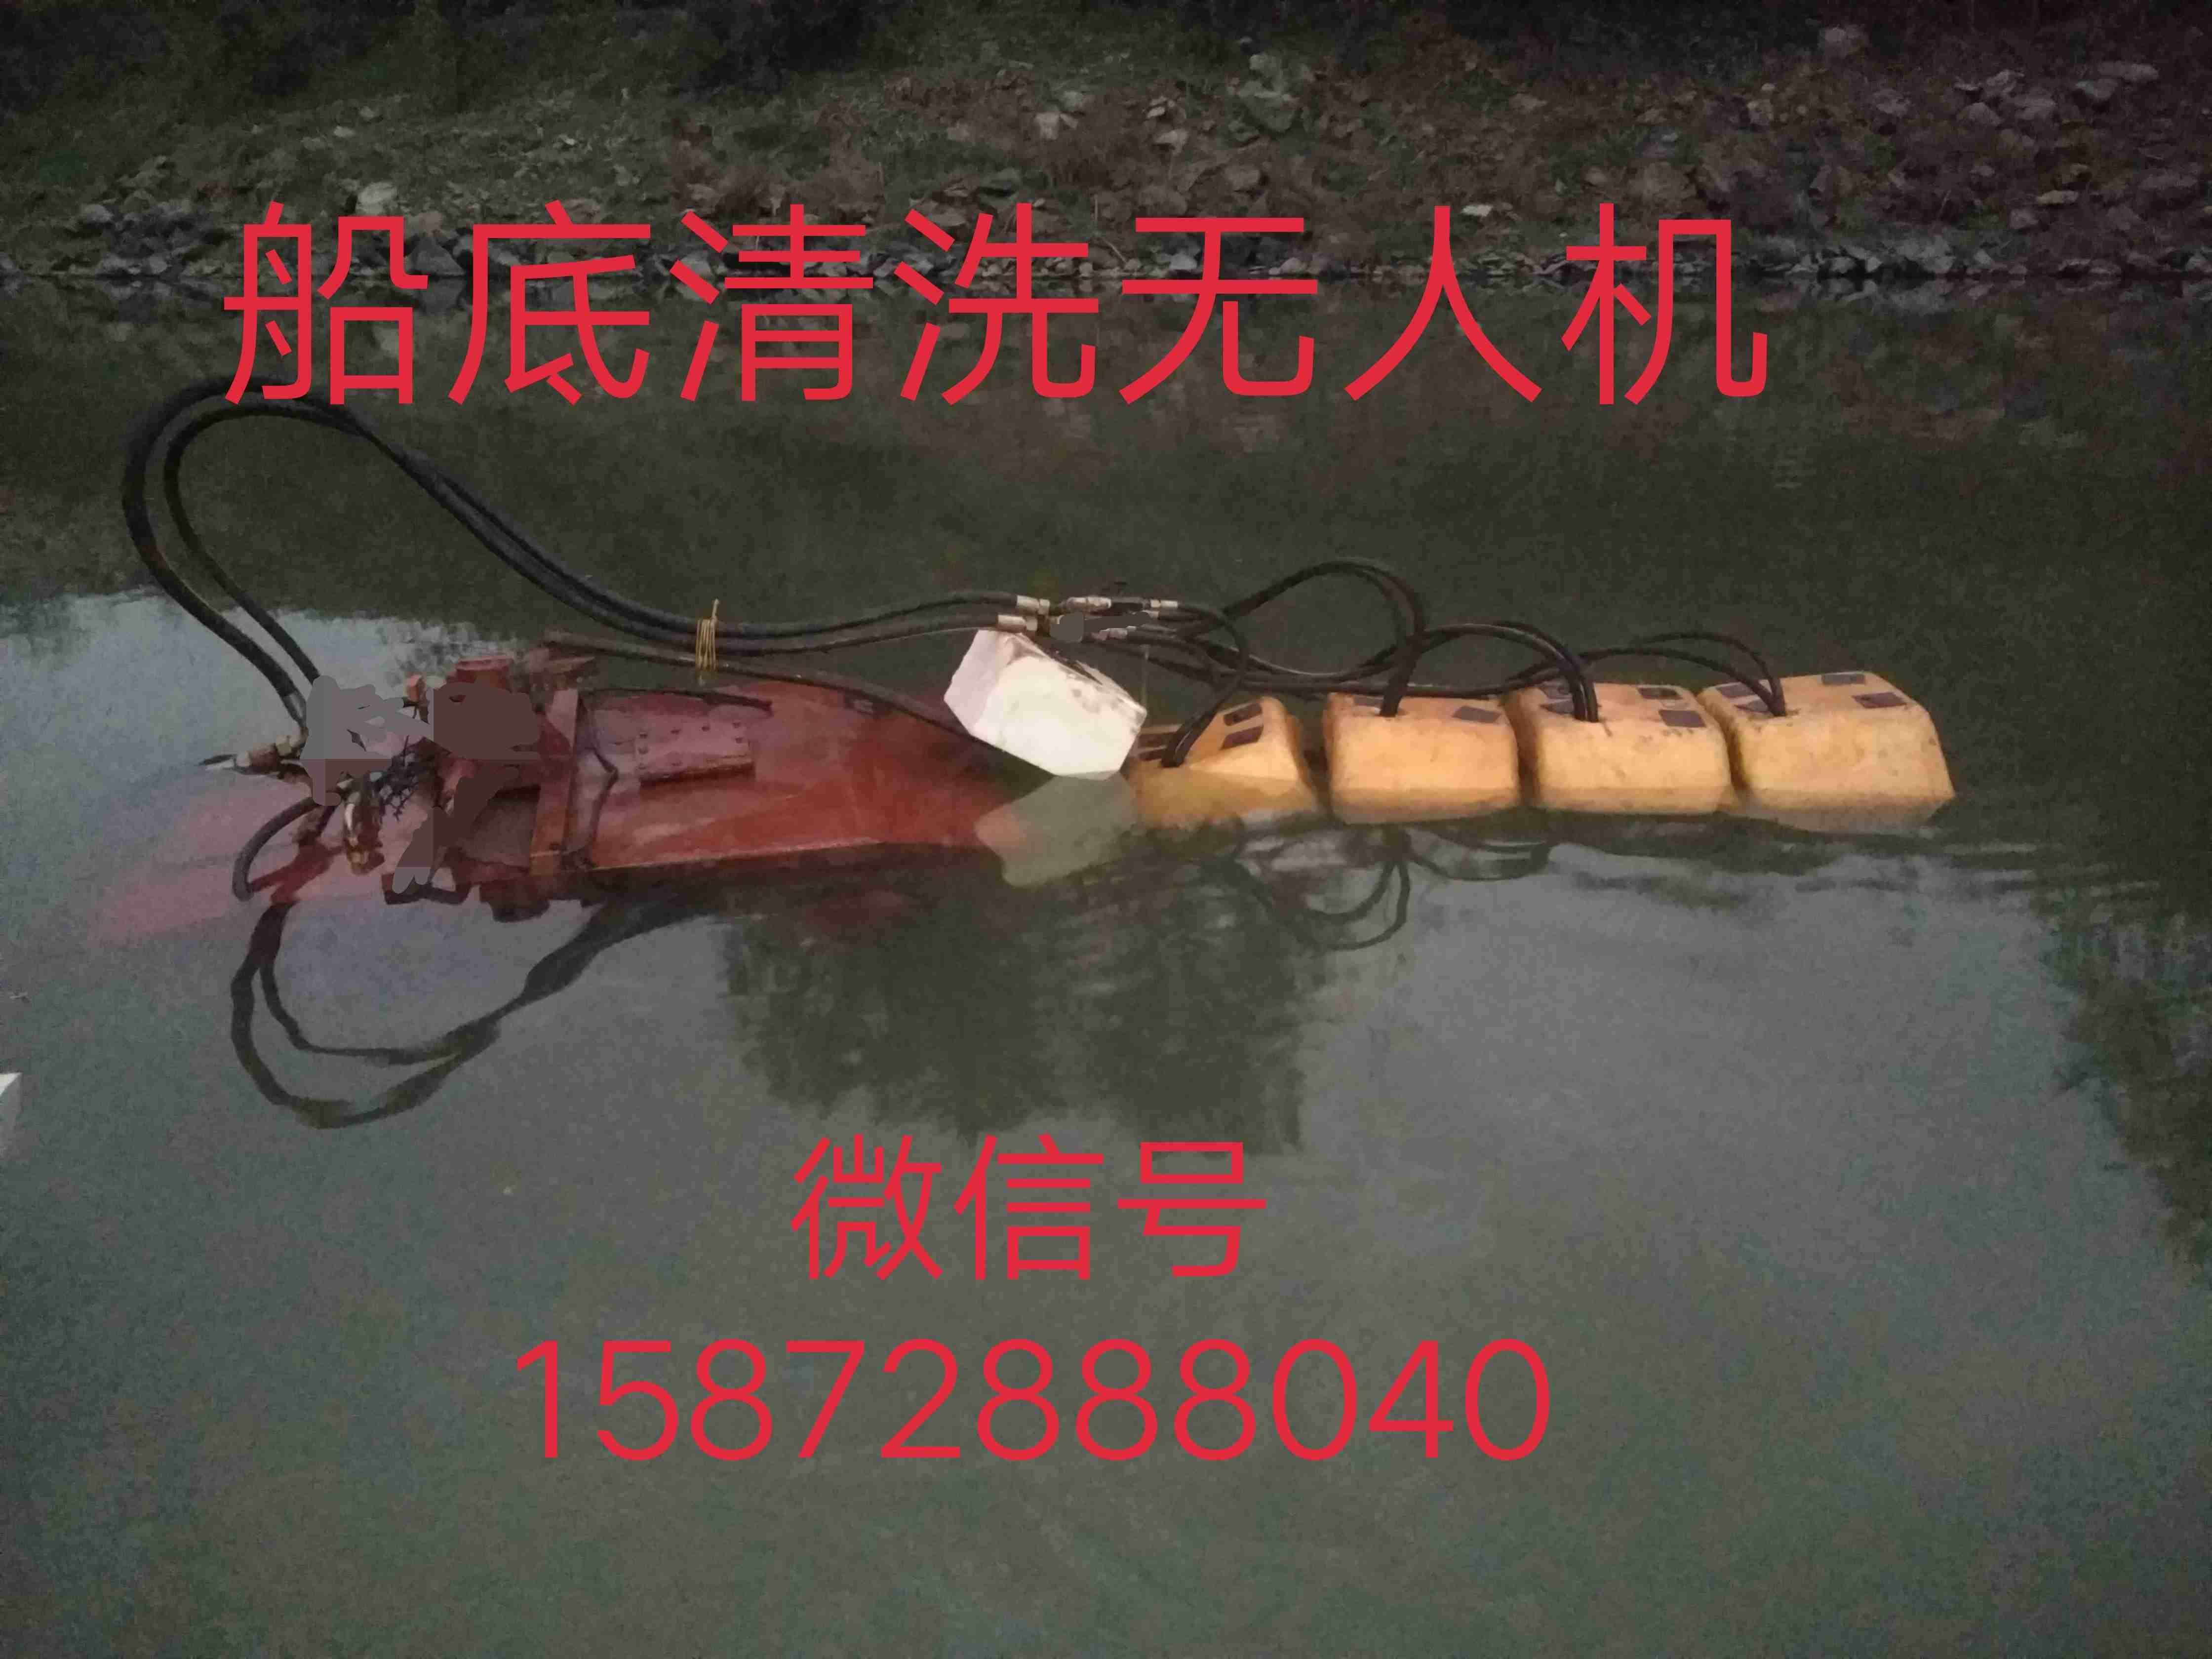 水下无人机船底清洗